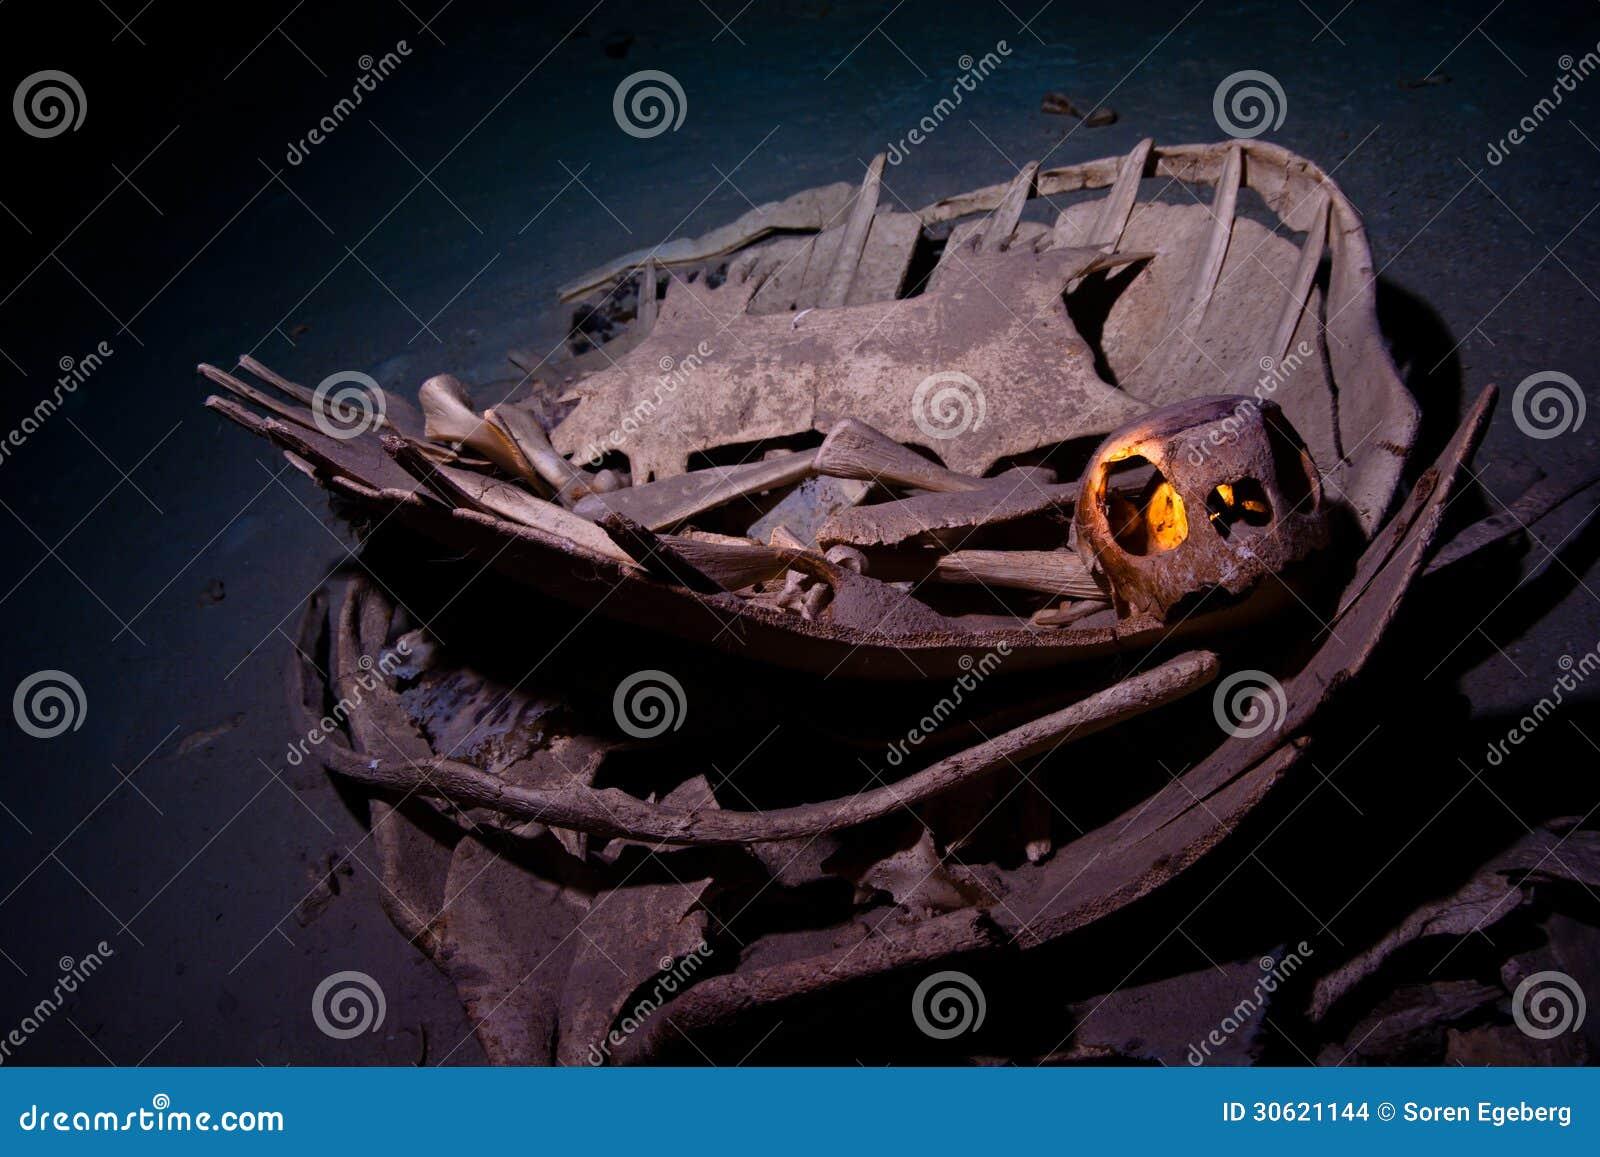 Squelette de tortue verte avec le cav int rieur sous marin for Interieur sous marin